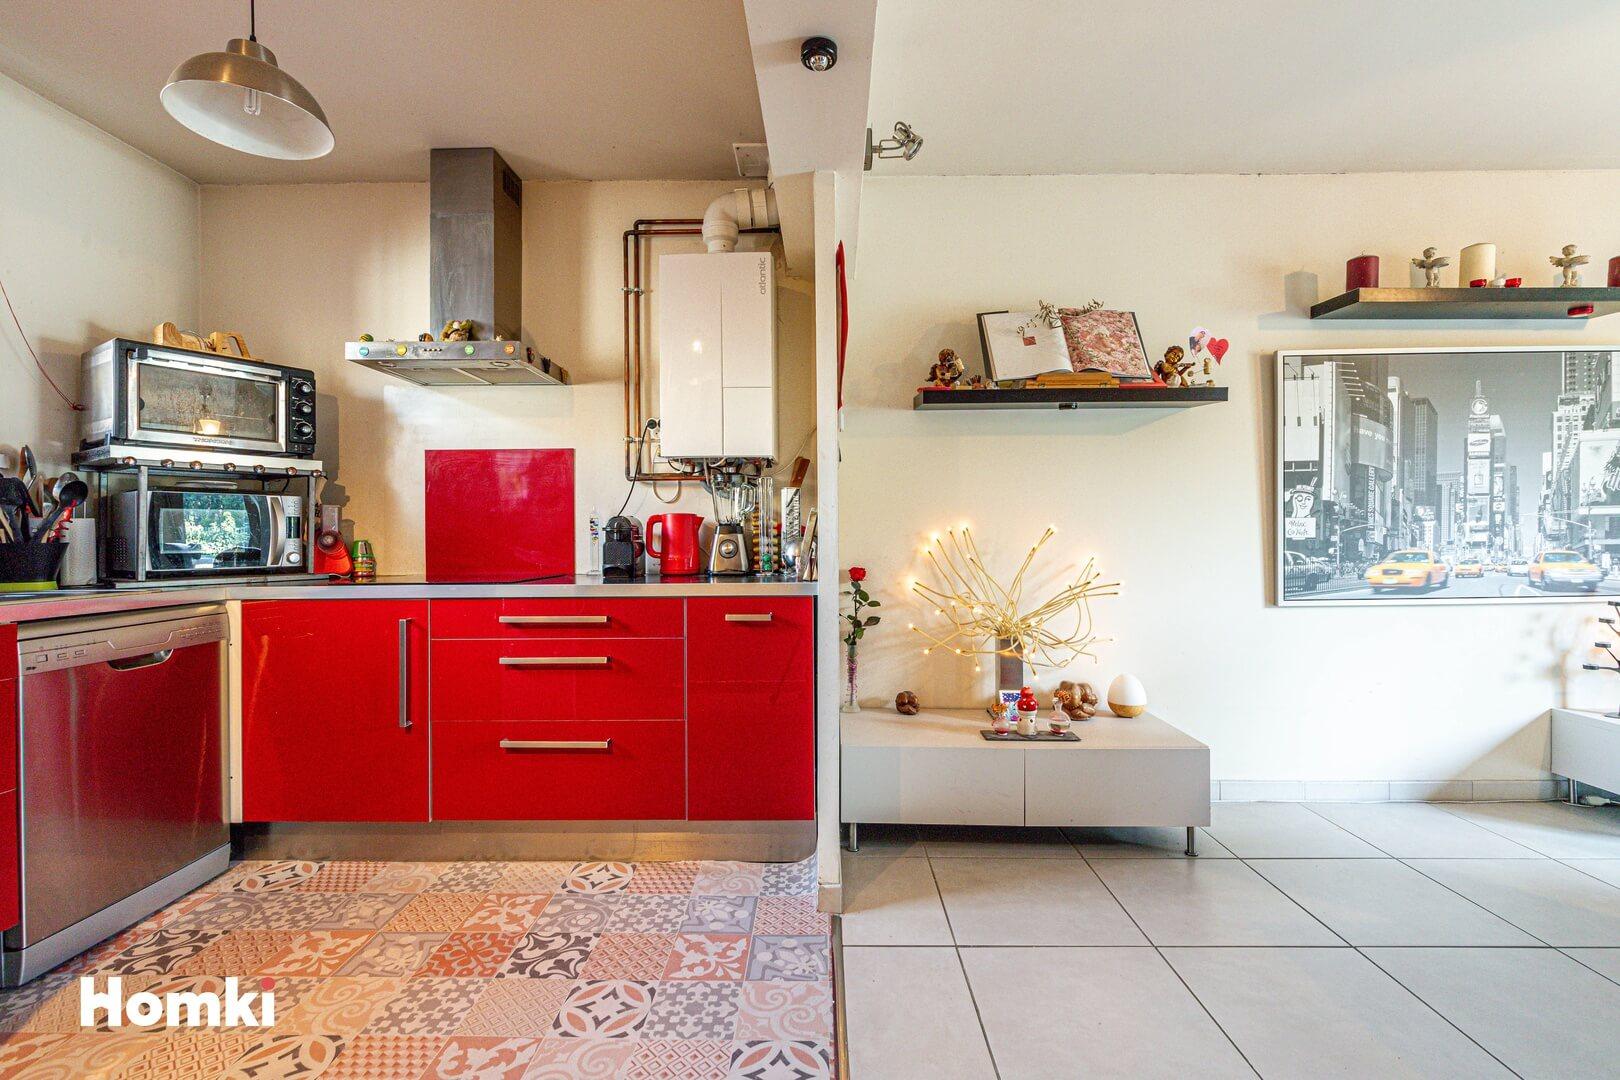 Homki - Vente Maison/villa  de 84.0 m² à Le Pontet 84130